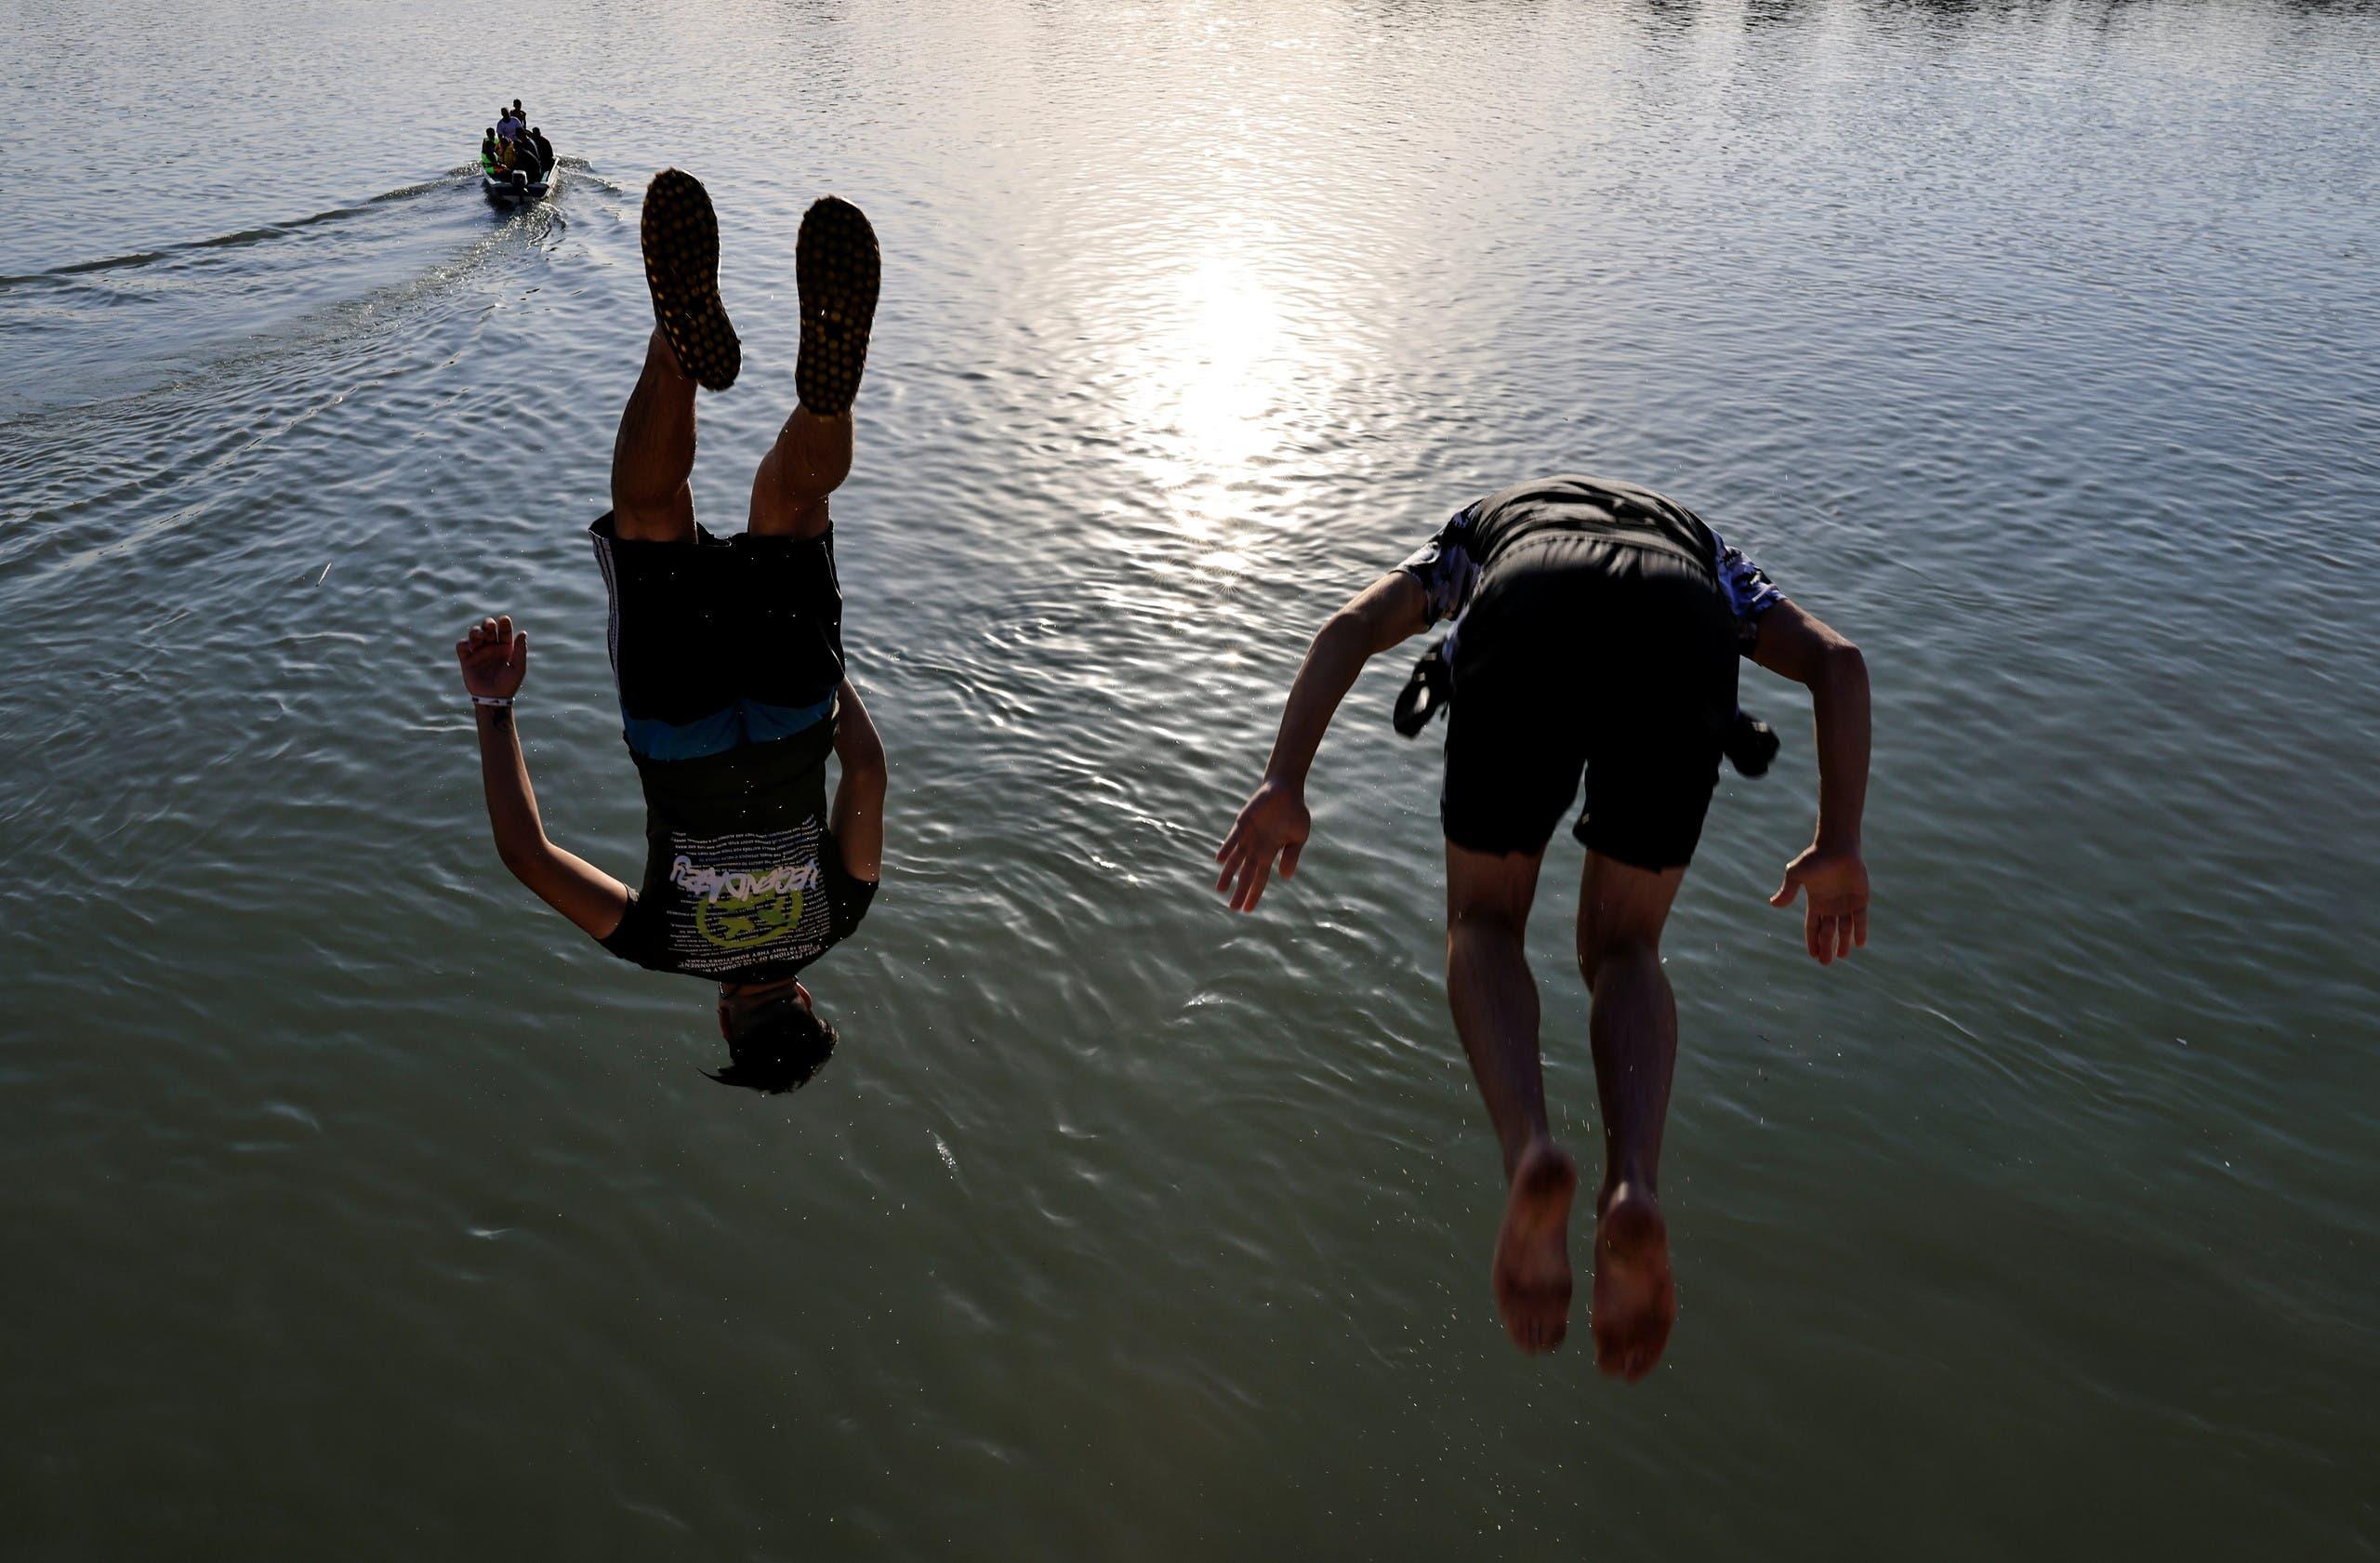 عراقيون يلجأون إلى الأنهر والمياه هربا من حر الصيف وسط انقطاع الكهرباء (رويترز)